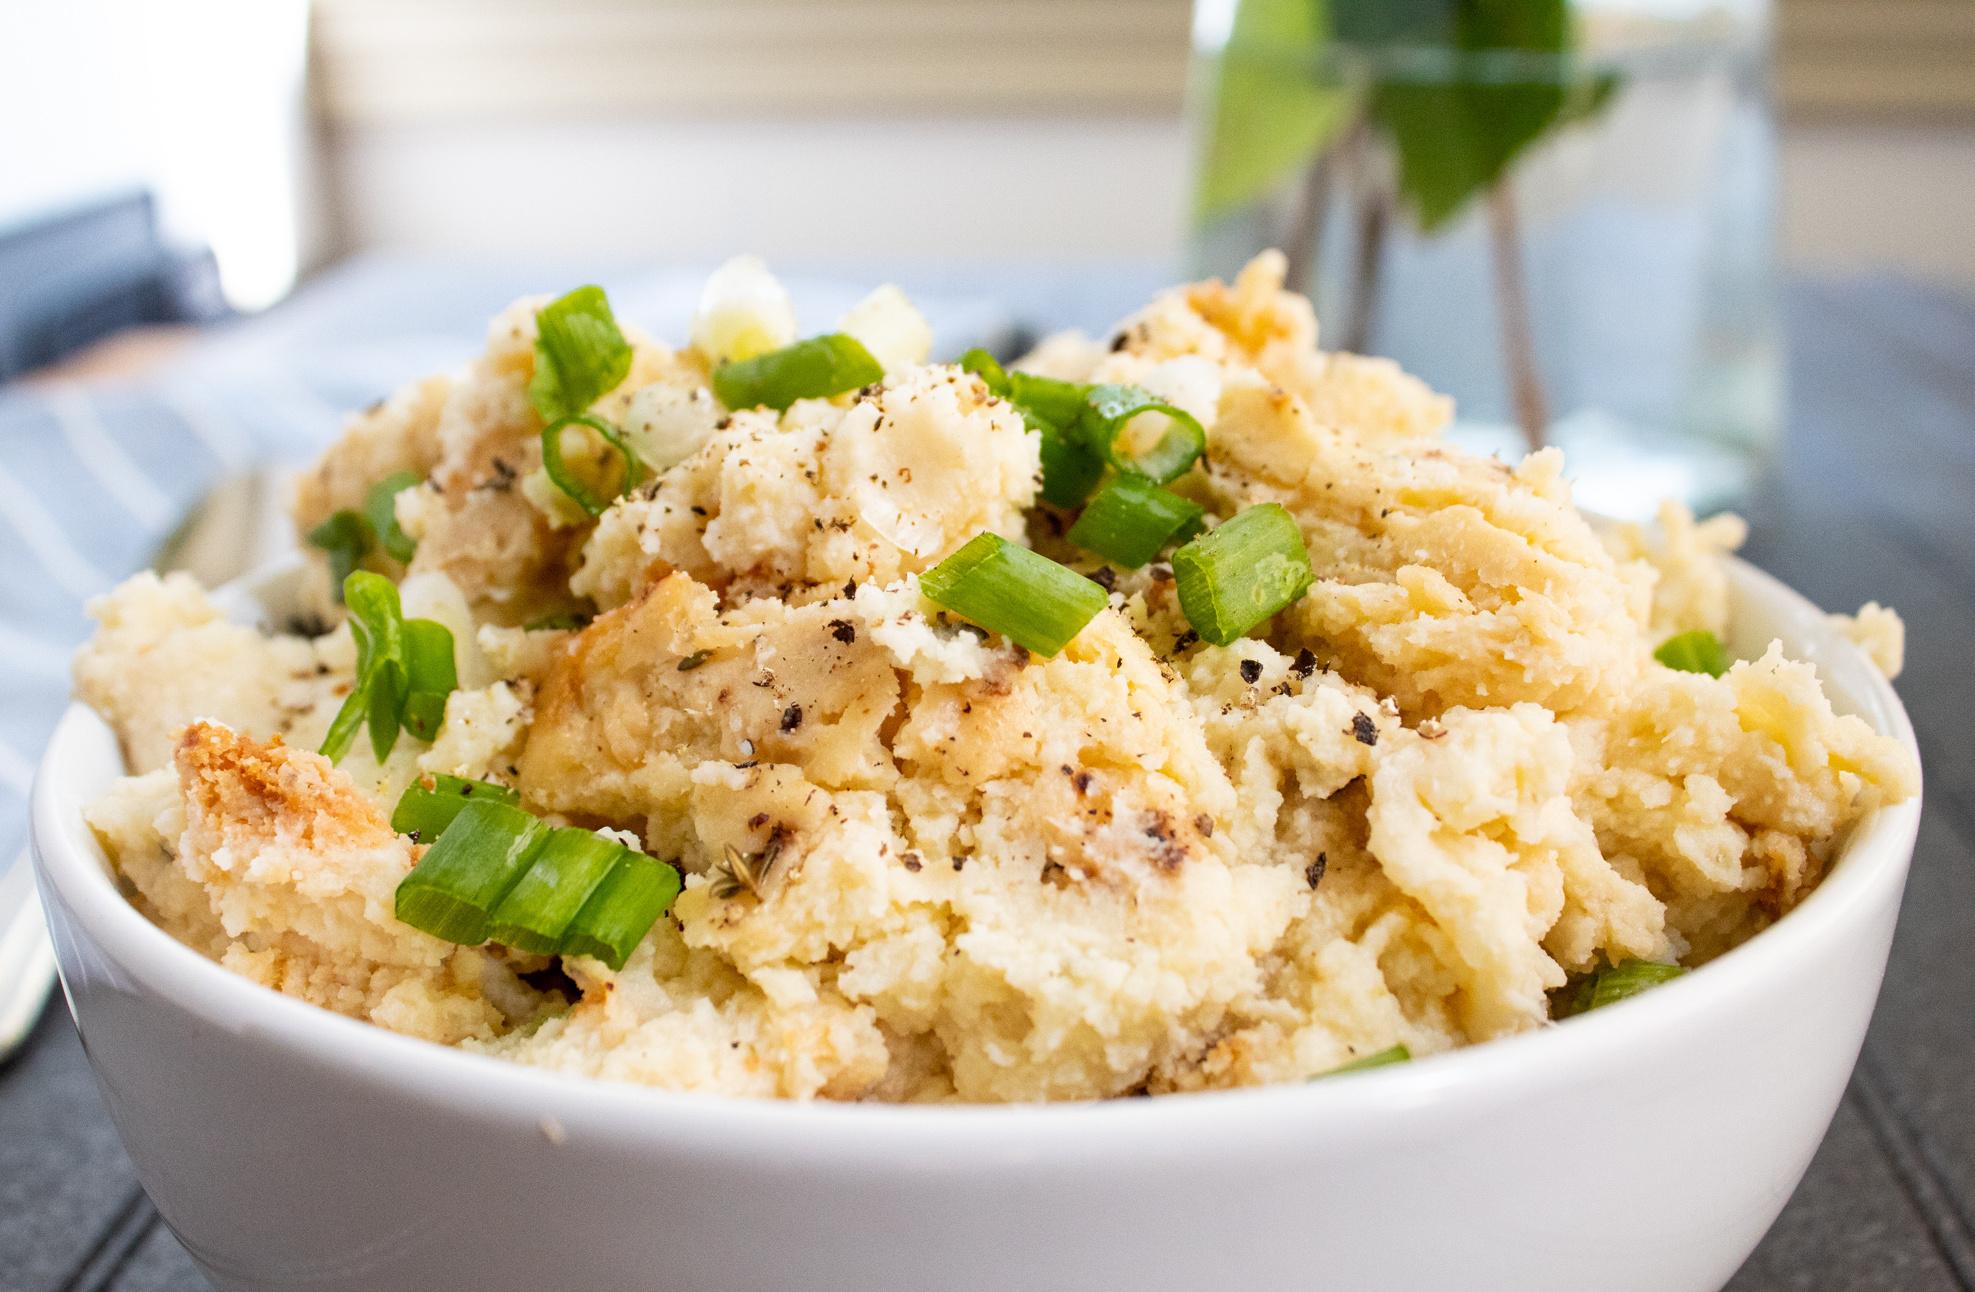 Savory and Simple Mashed Potato Cauliflower Casserole